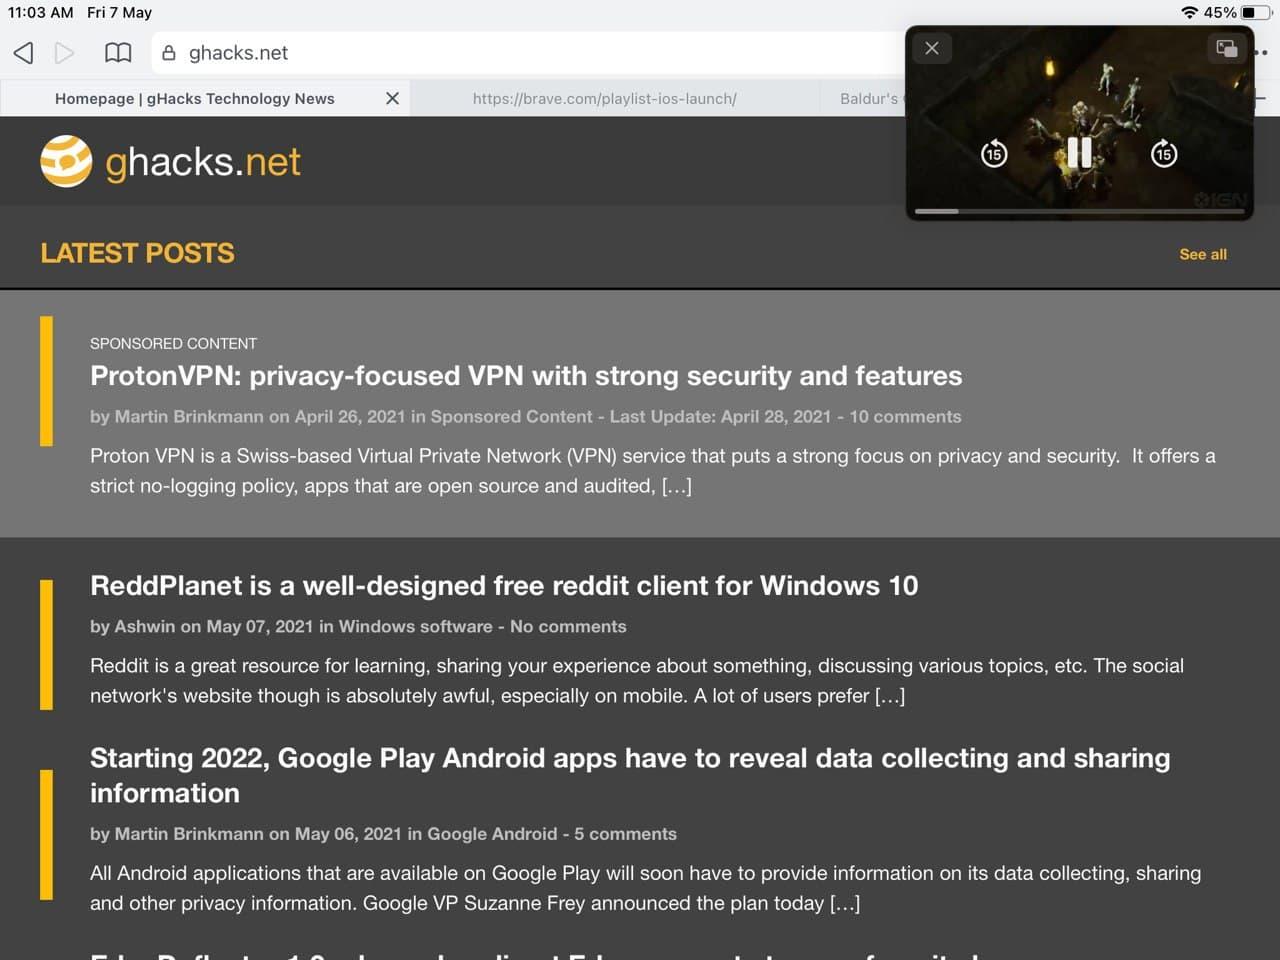 Brave browser para iOS: imagen de lista de reproducción en modo de imagen